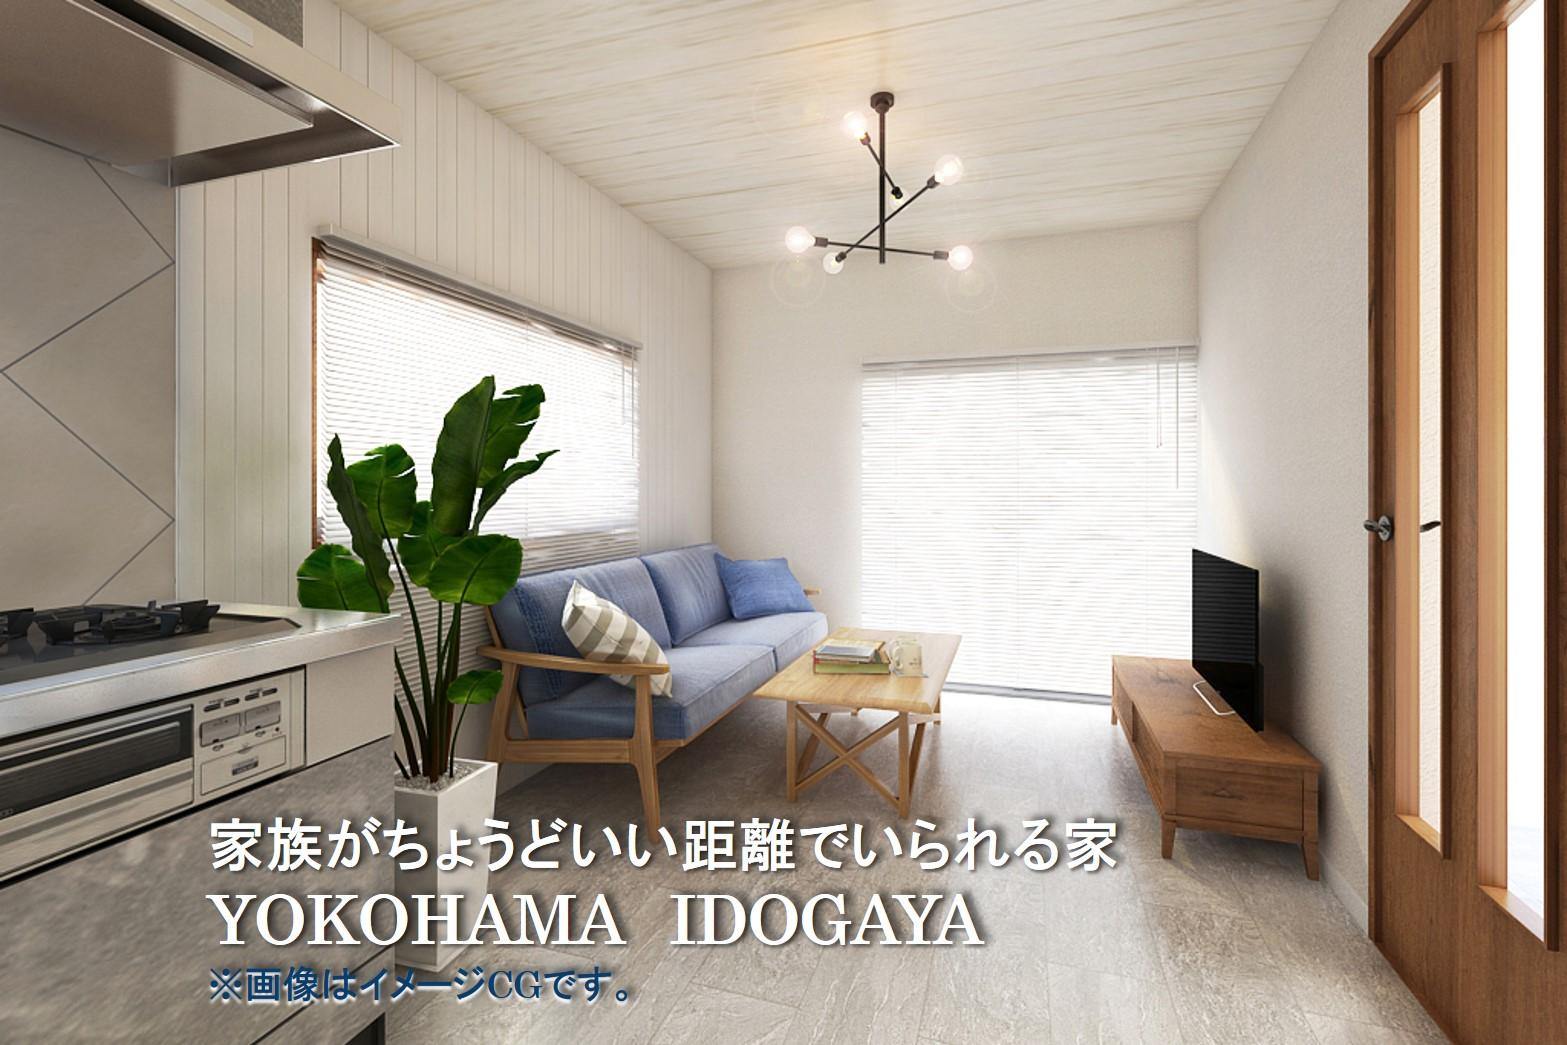 家族がちょうどいい距離でいられる家|YOKOHAMA IDOGAYA